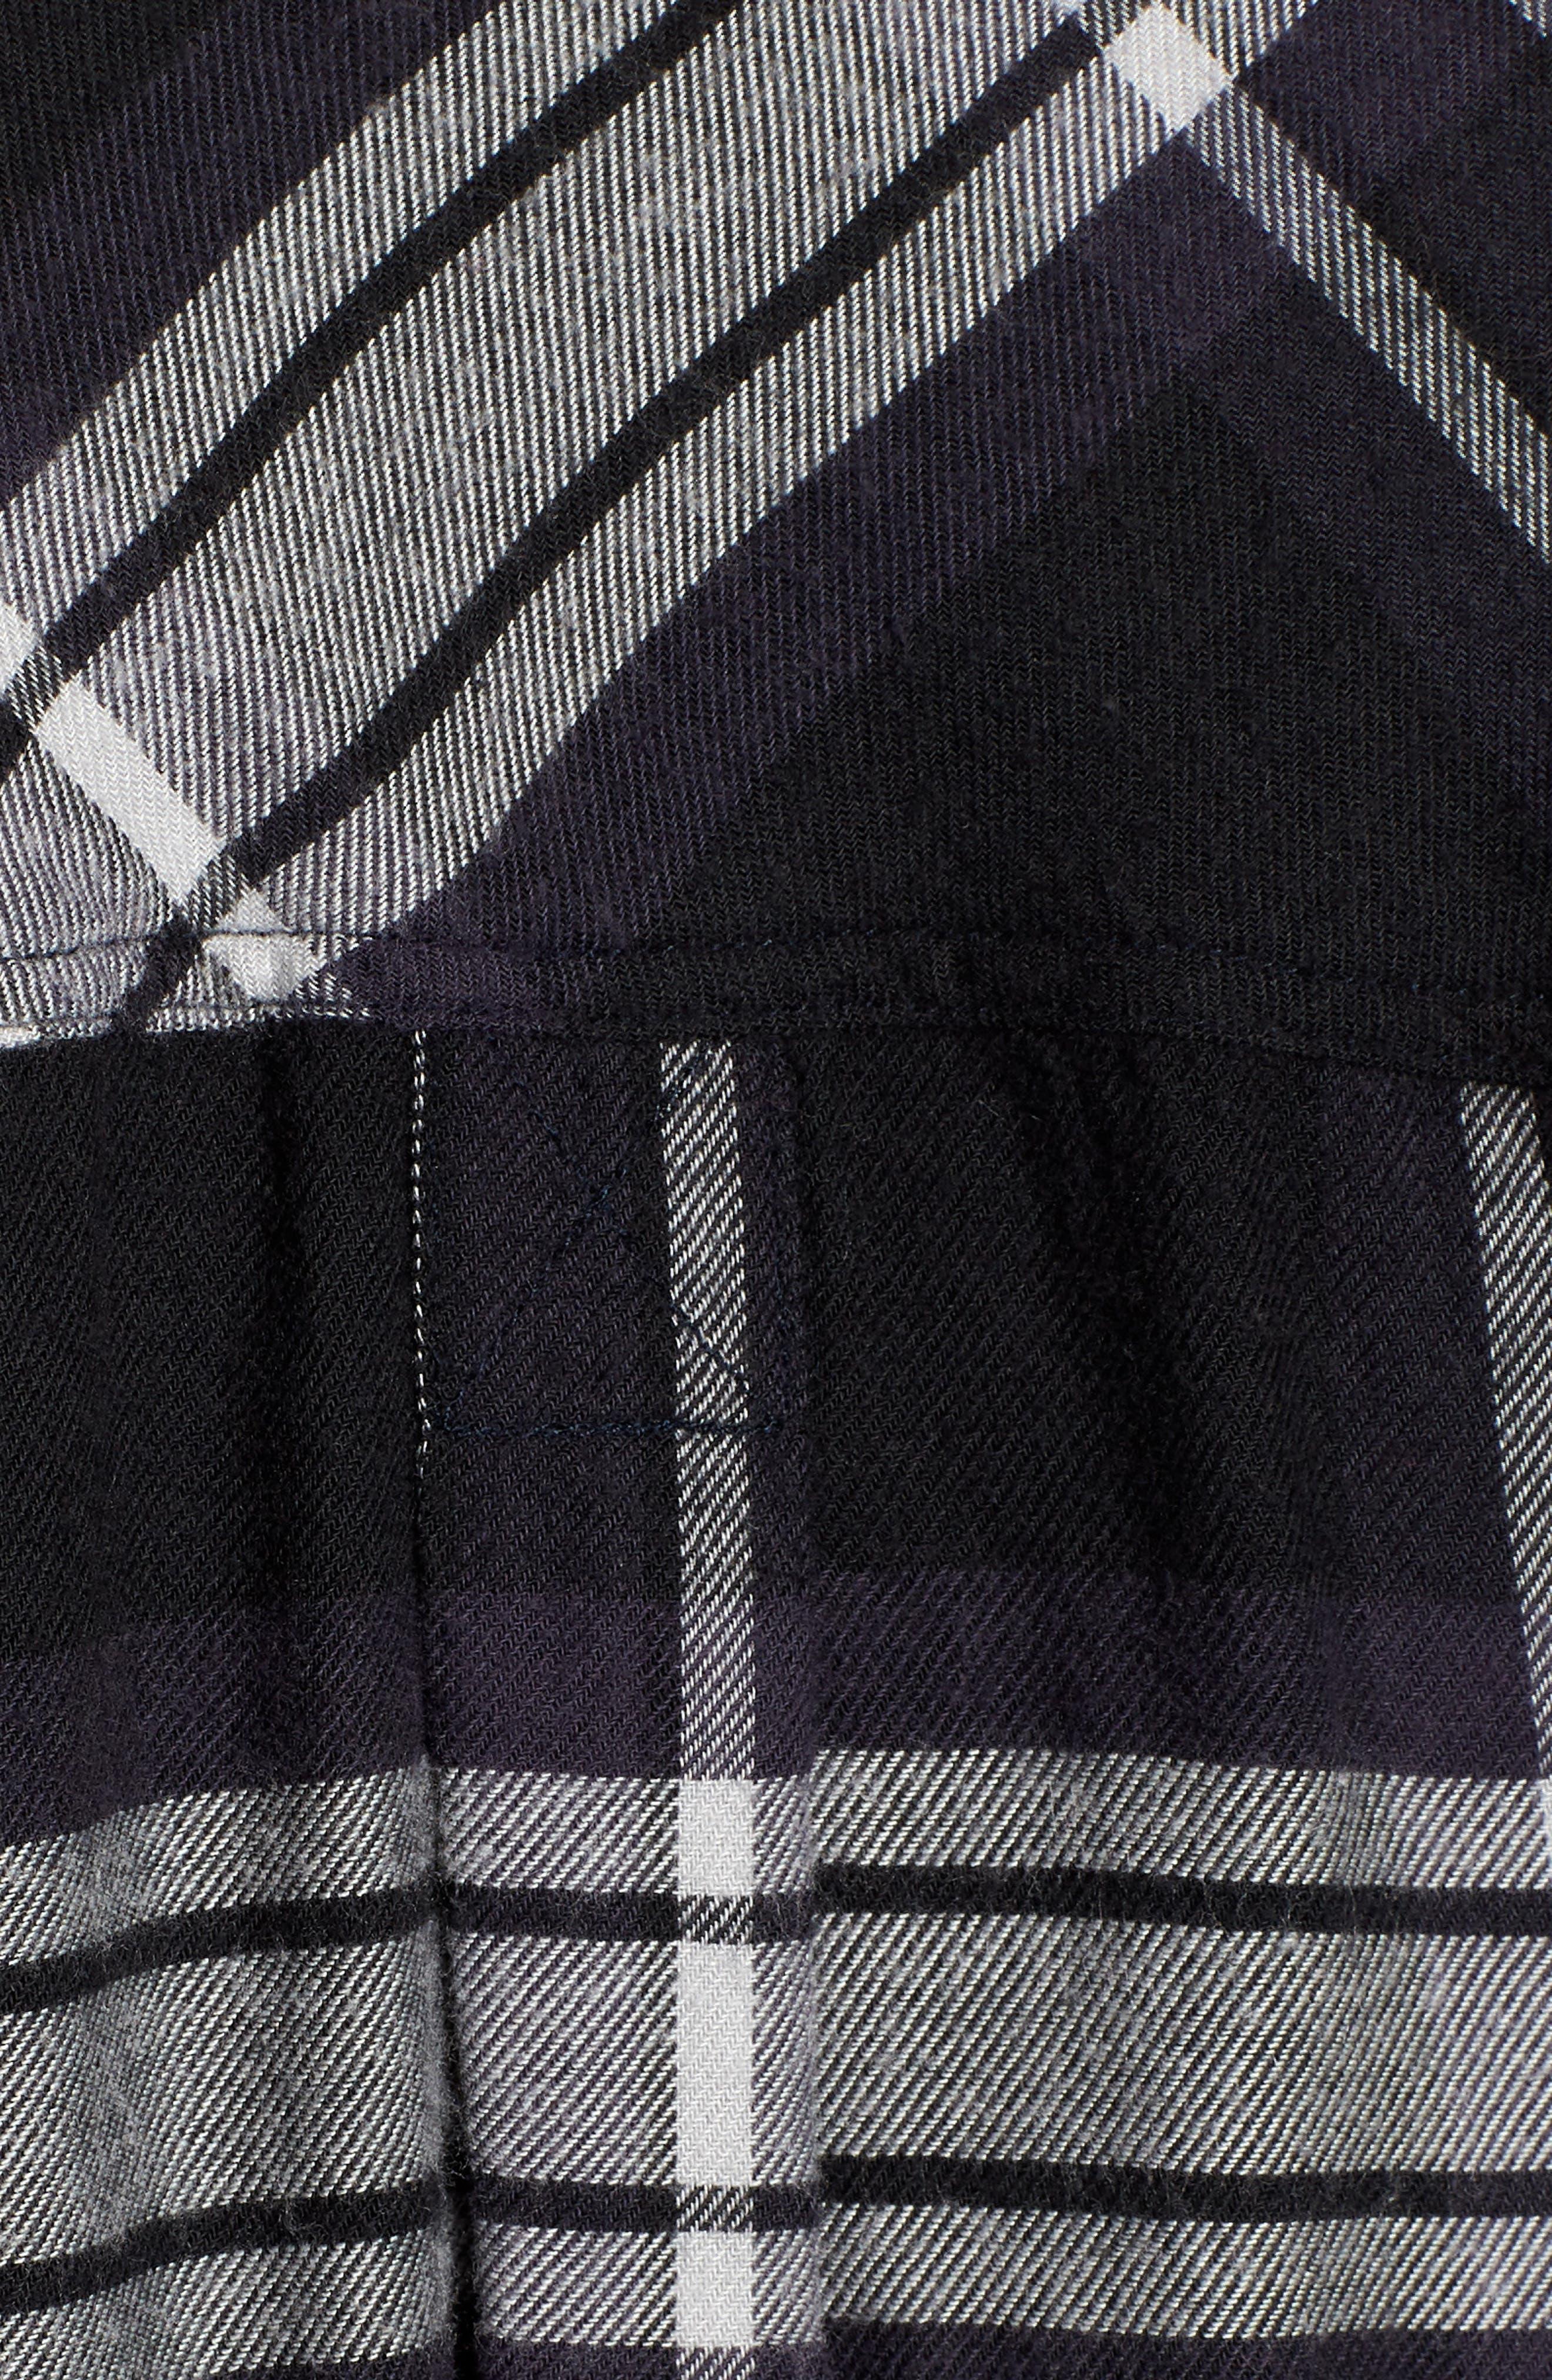 Leo Plaid Woven Shirt,                             Alternate thumbnail 5, color,                             BLACK ASH WHITE